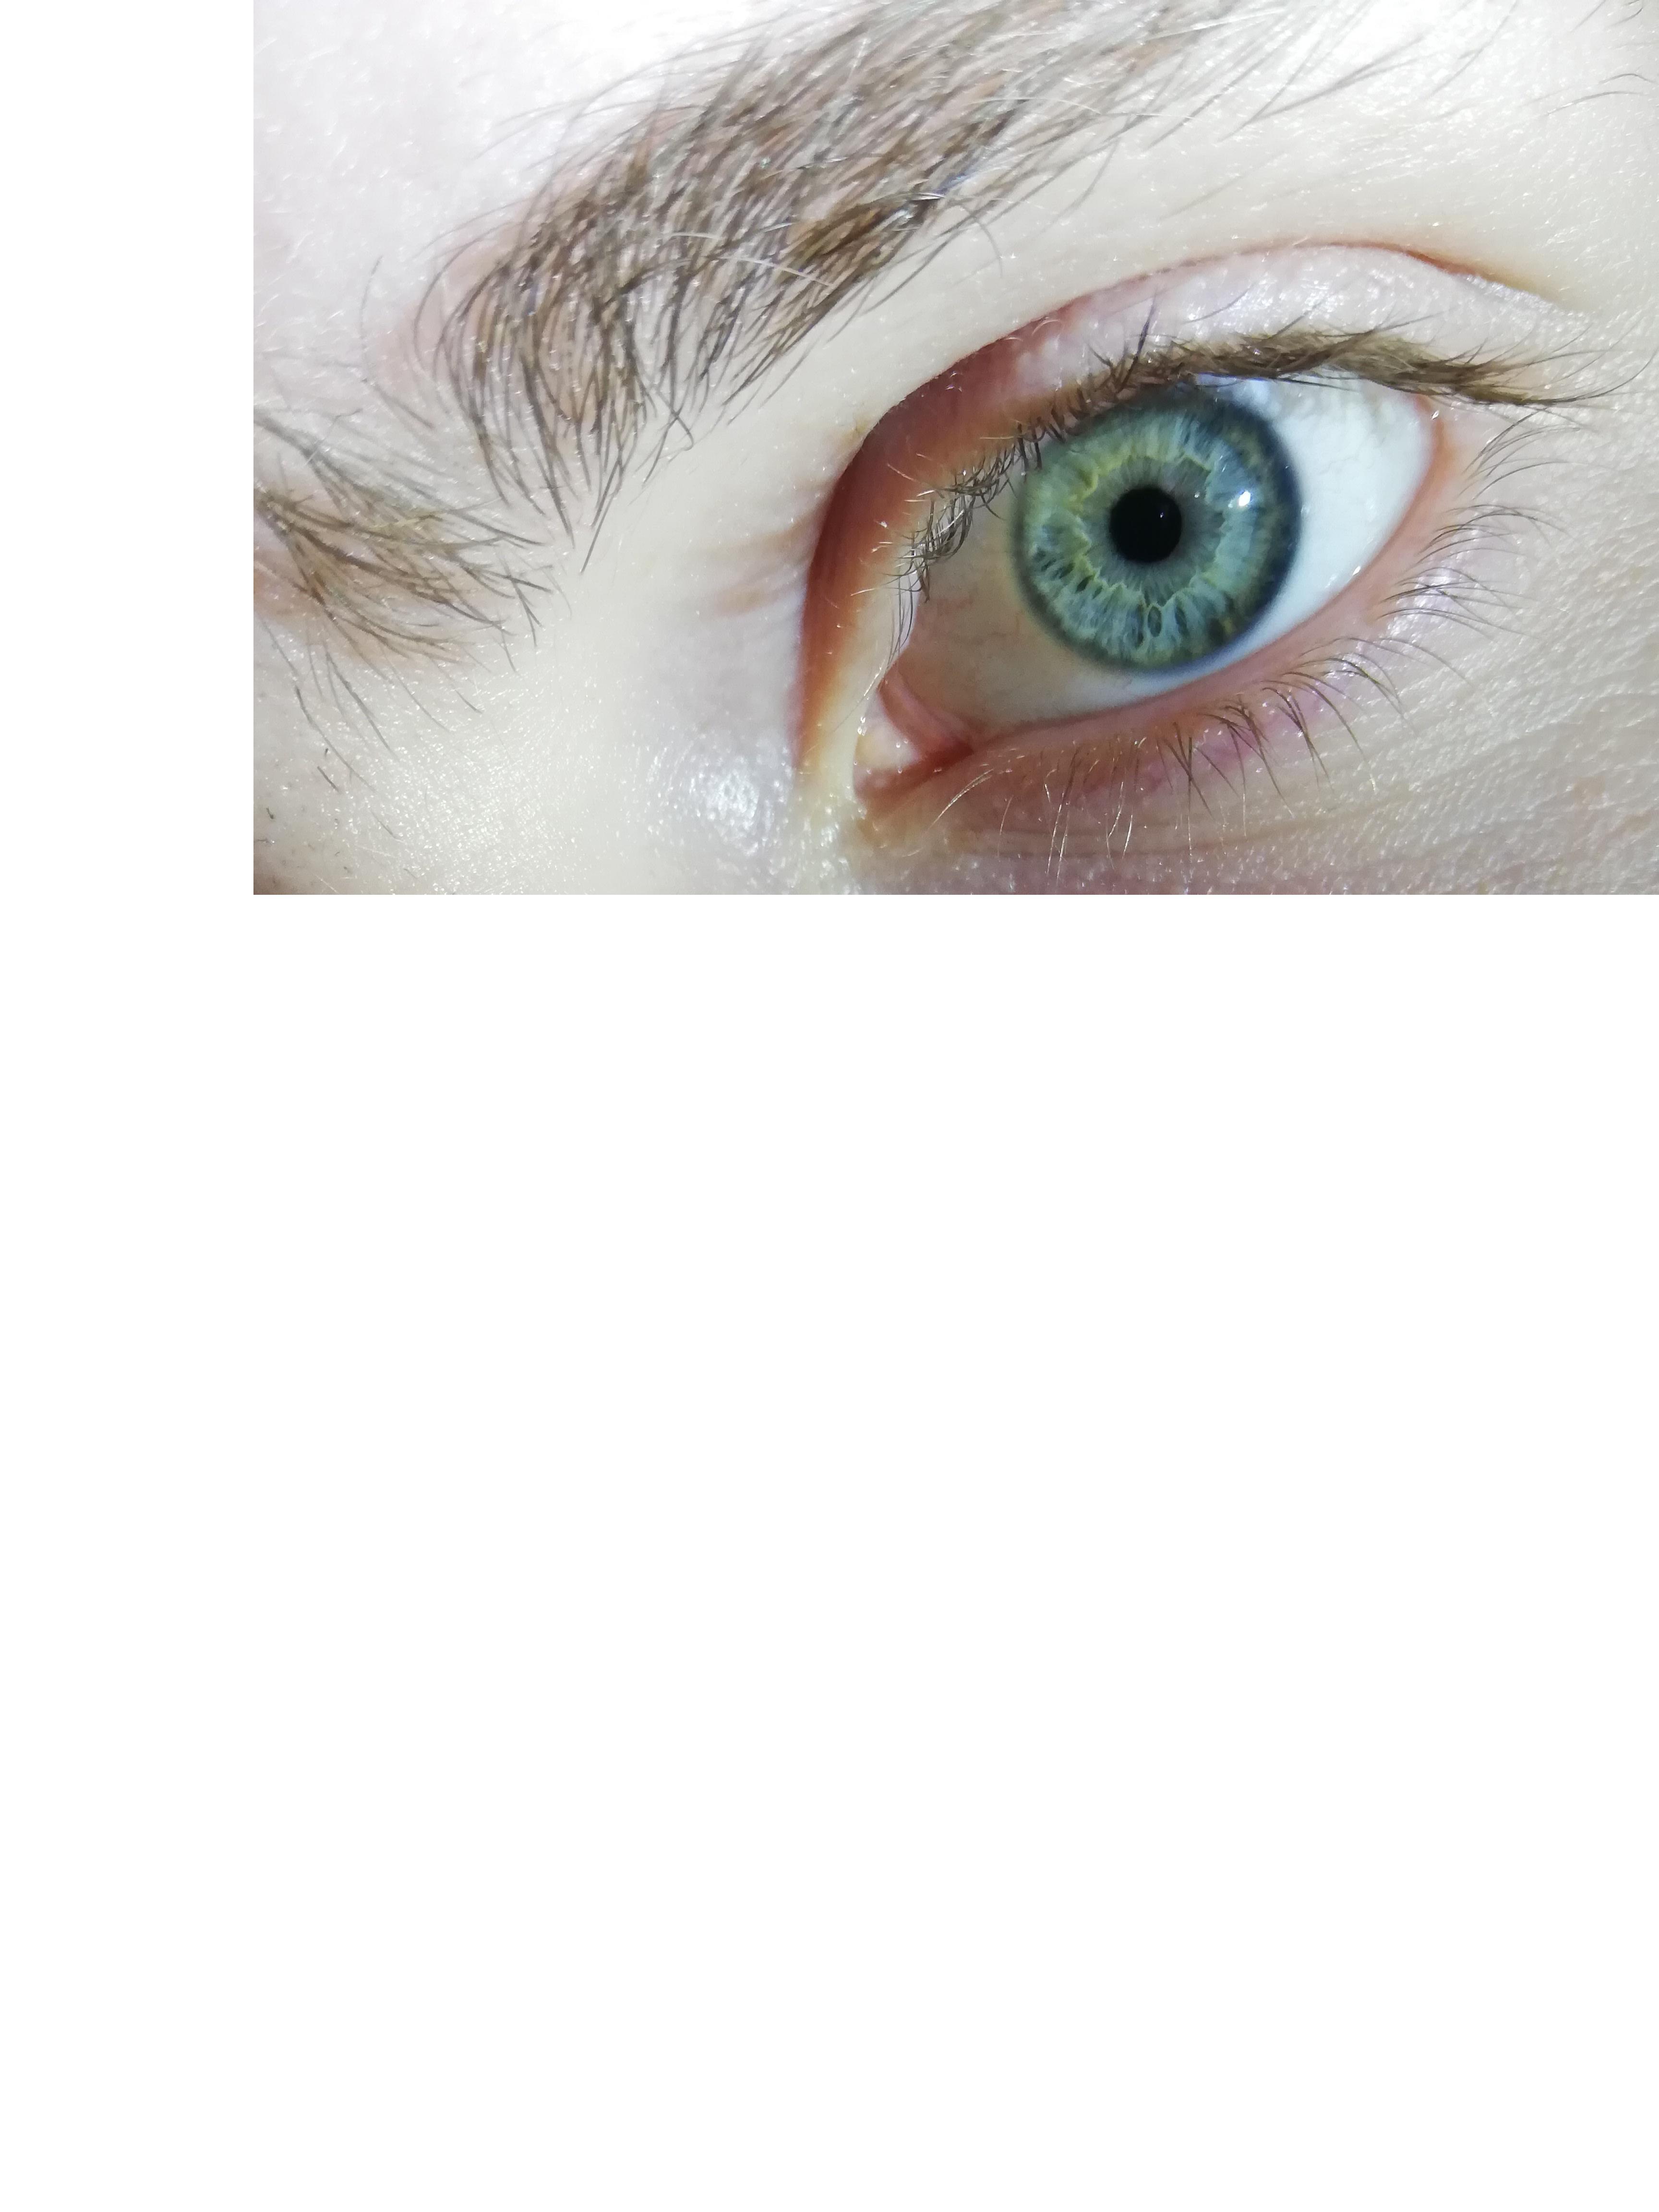 Habe ich blaue oder grüne Augen? Bild ist dabei? (Augenfarbe)